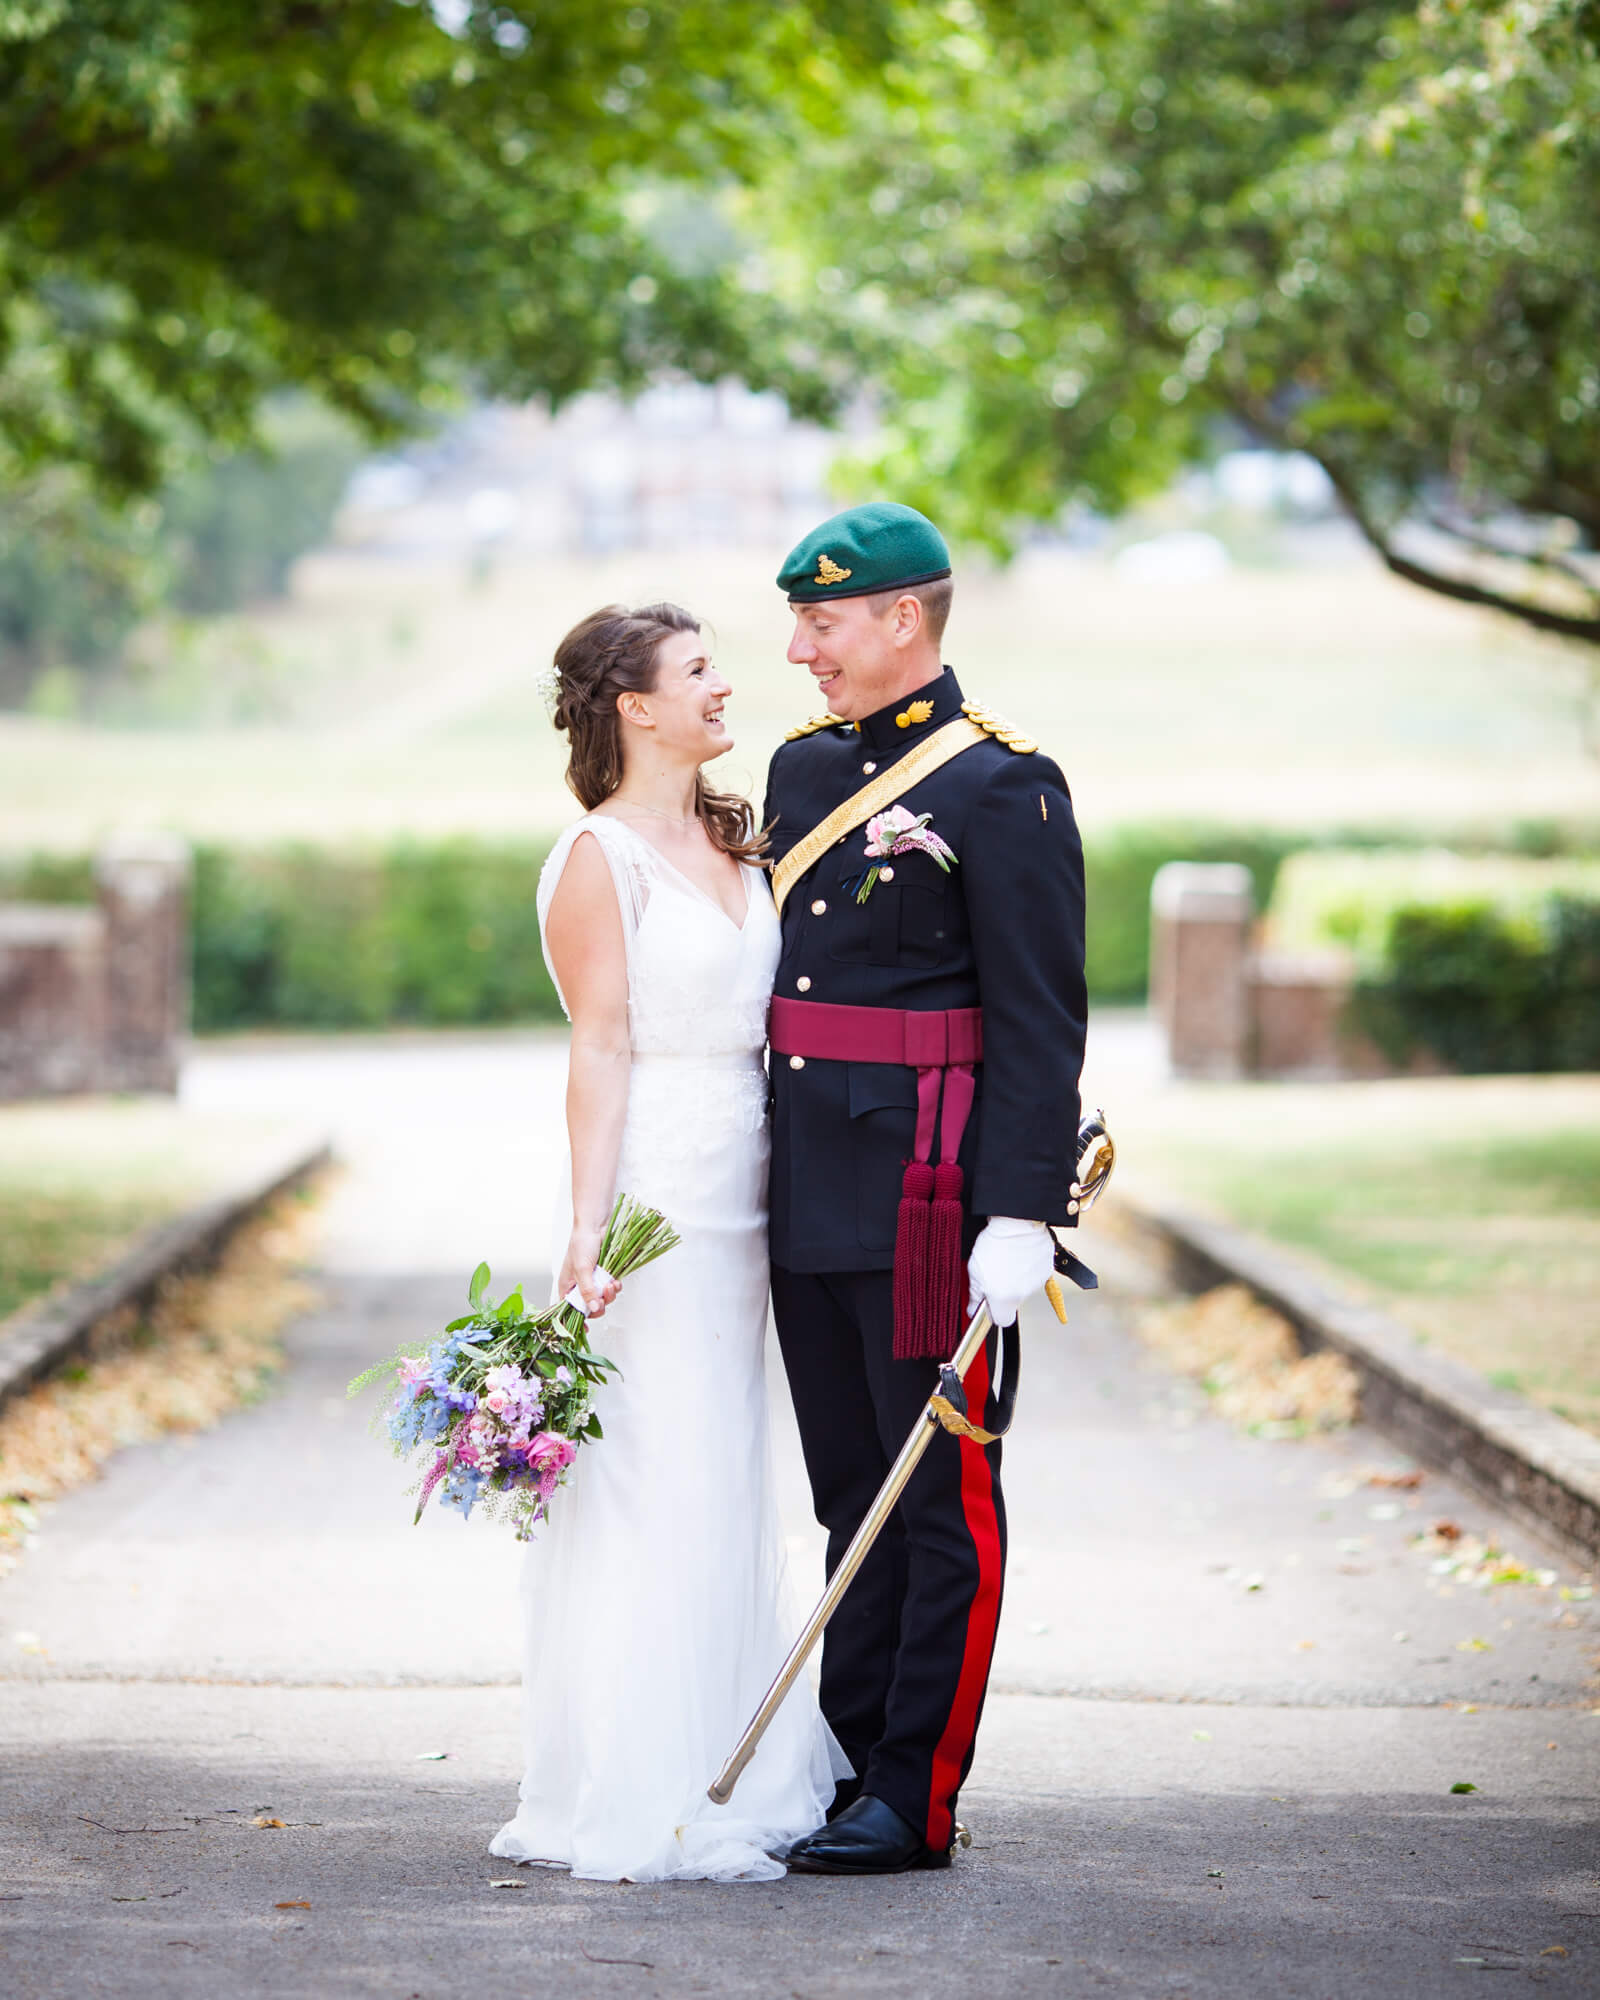 Wedding photography salisbury